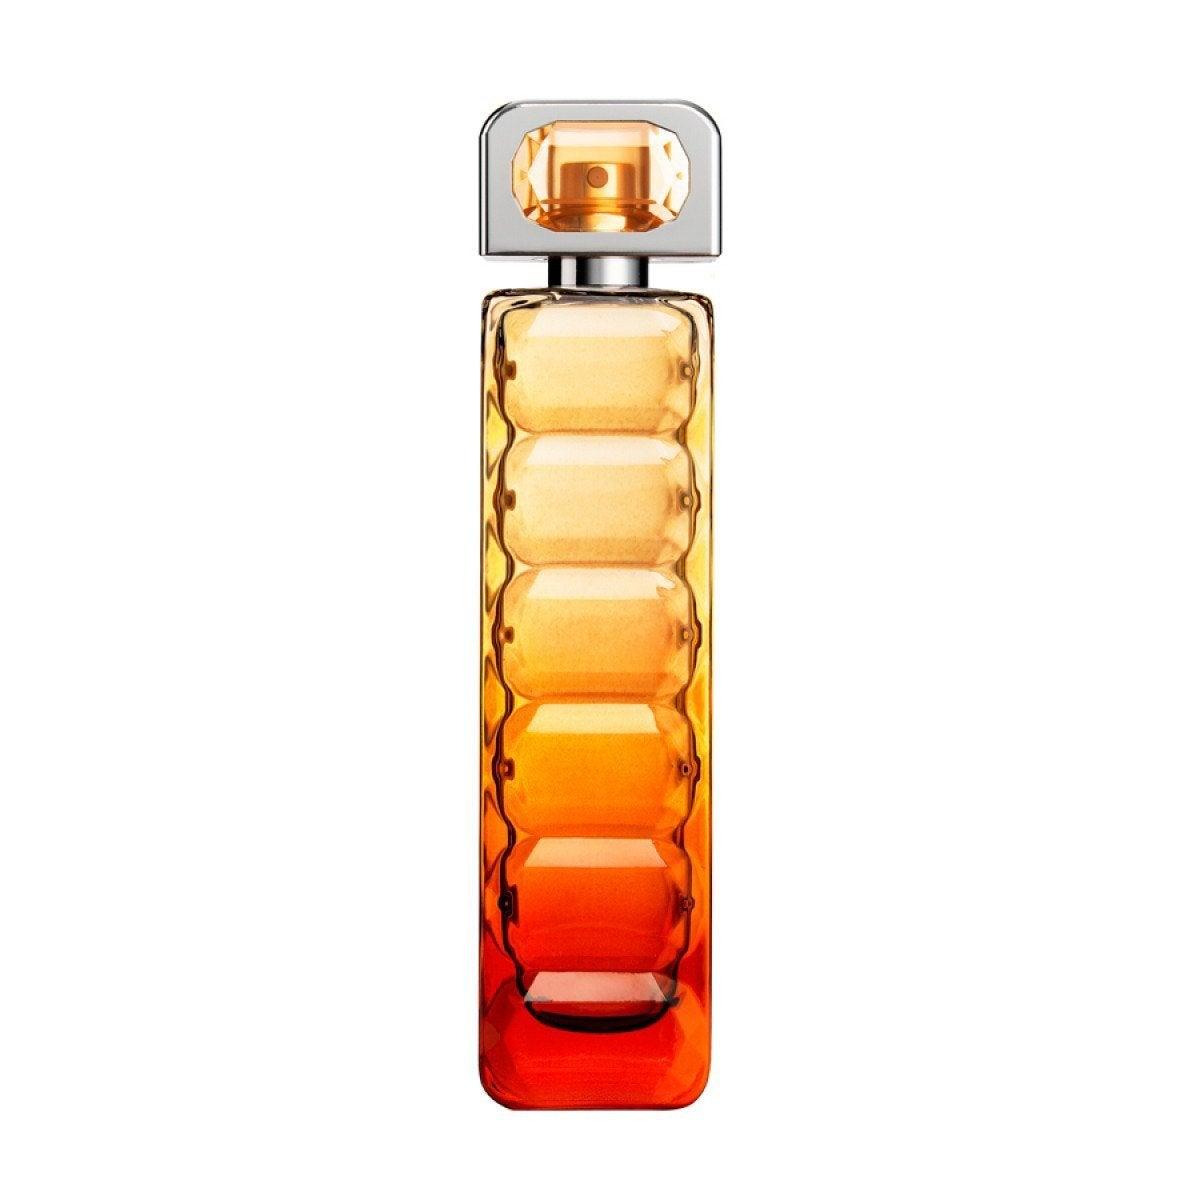 Hugo Boss Boss Orange Sunset 75ml EDT Women's Perfume